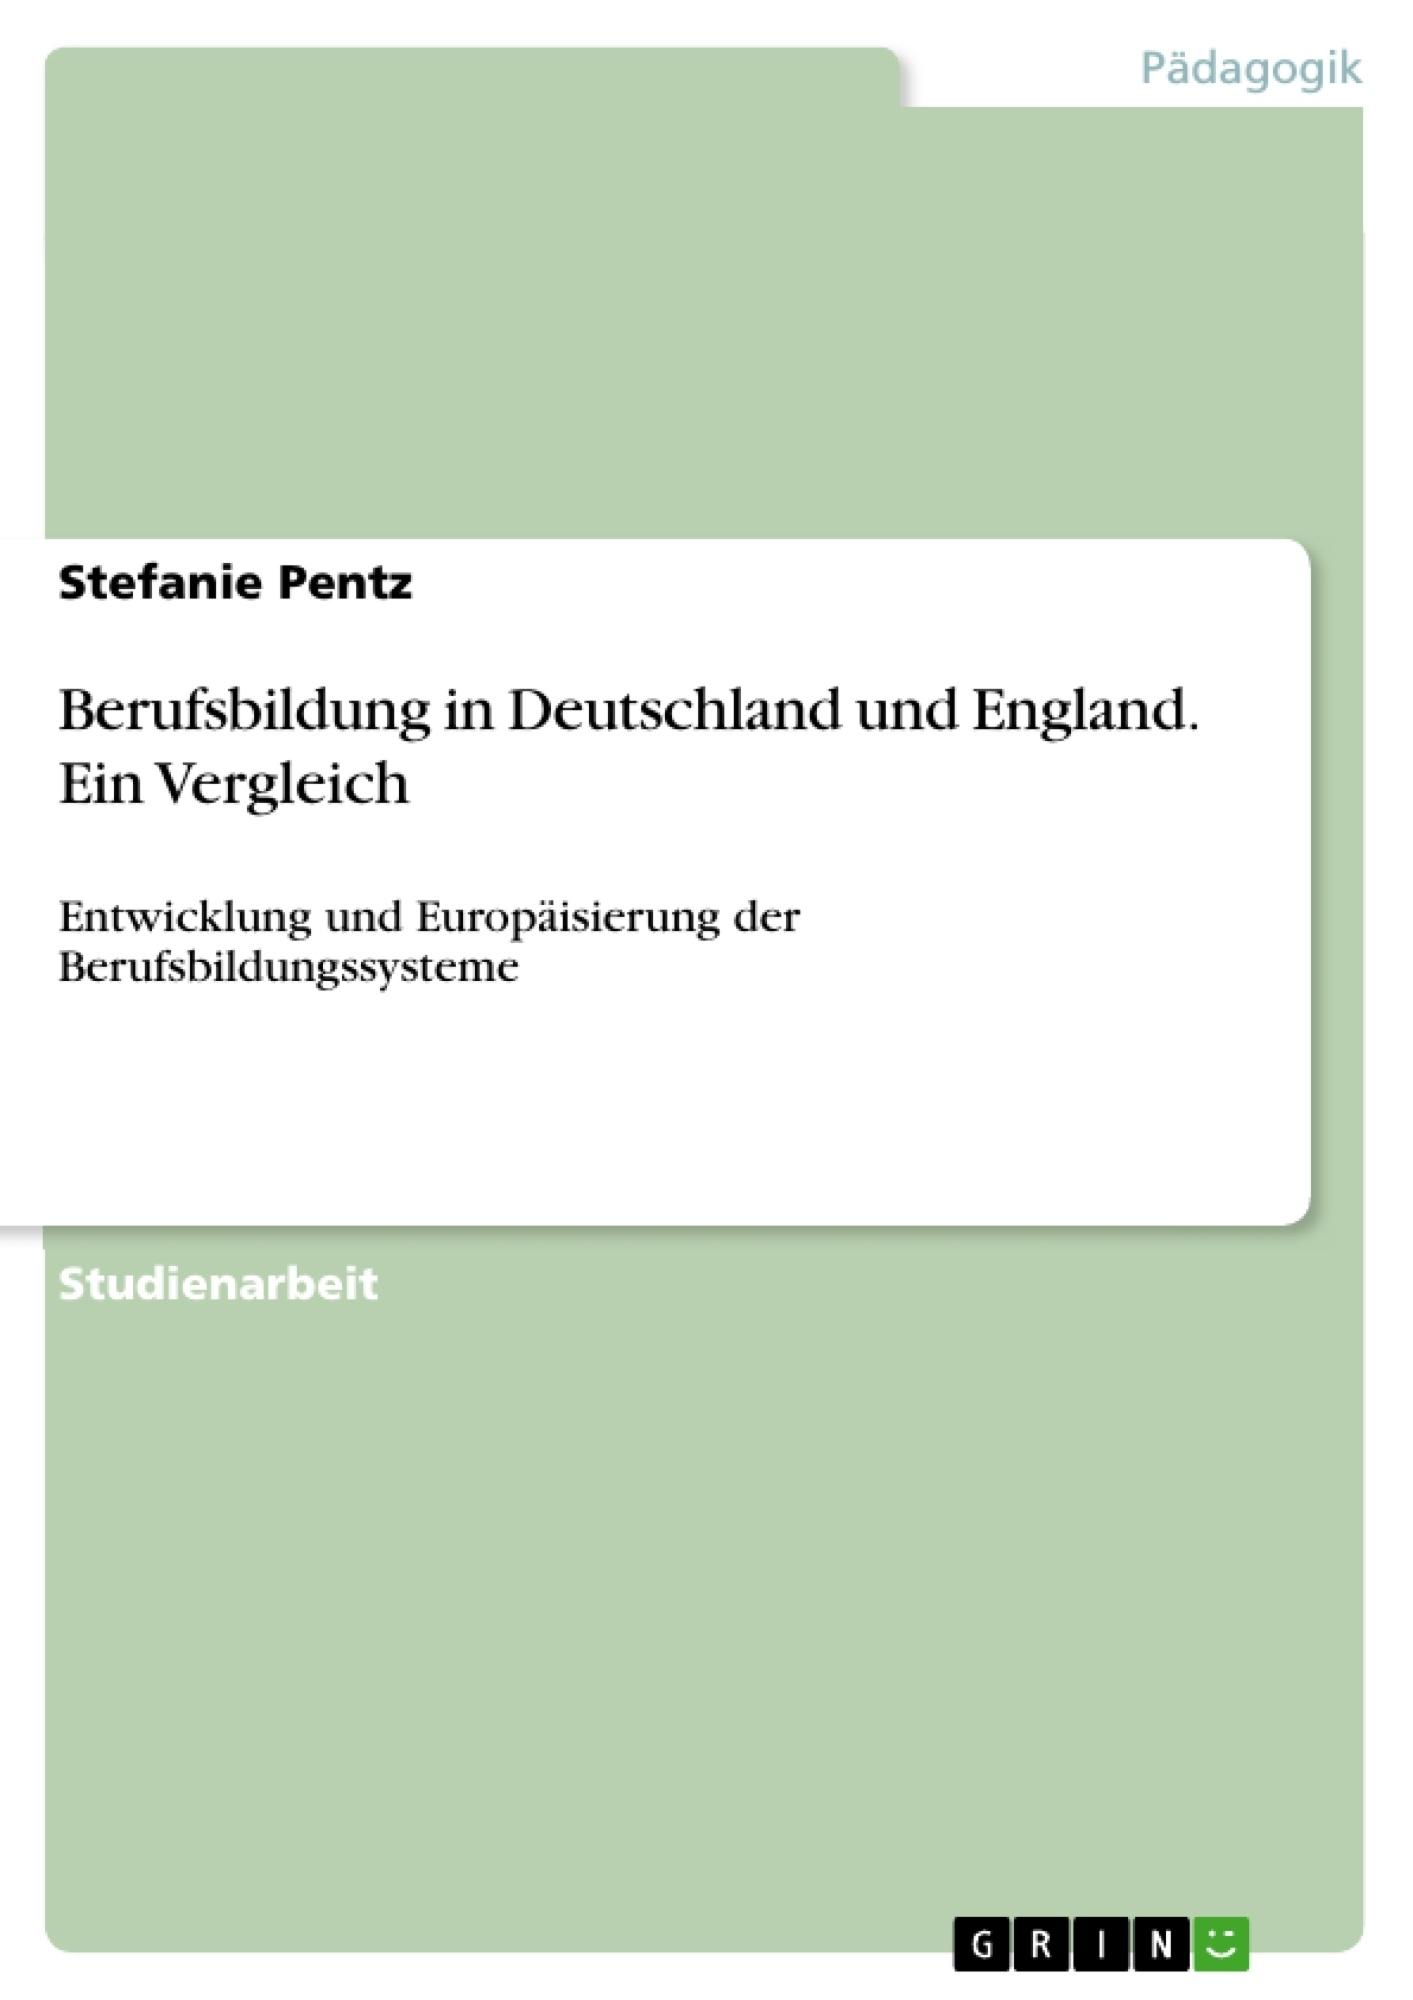 Titel: Berufsbildung in Deutschland und England. Ein Vergleich